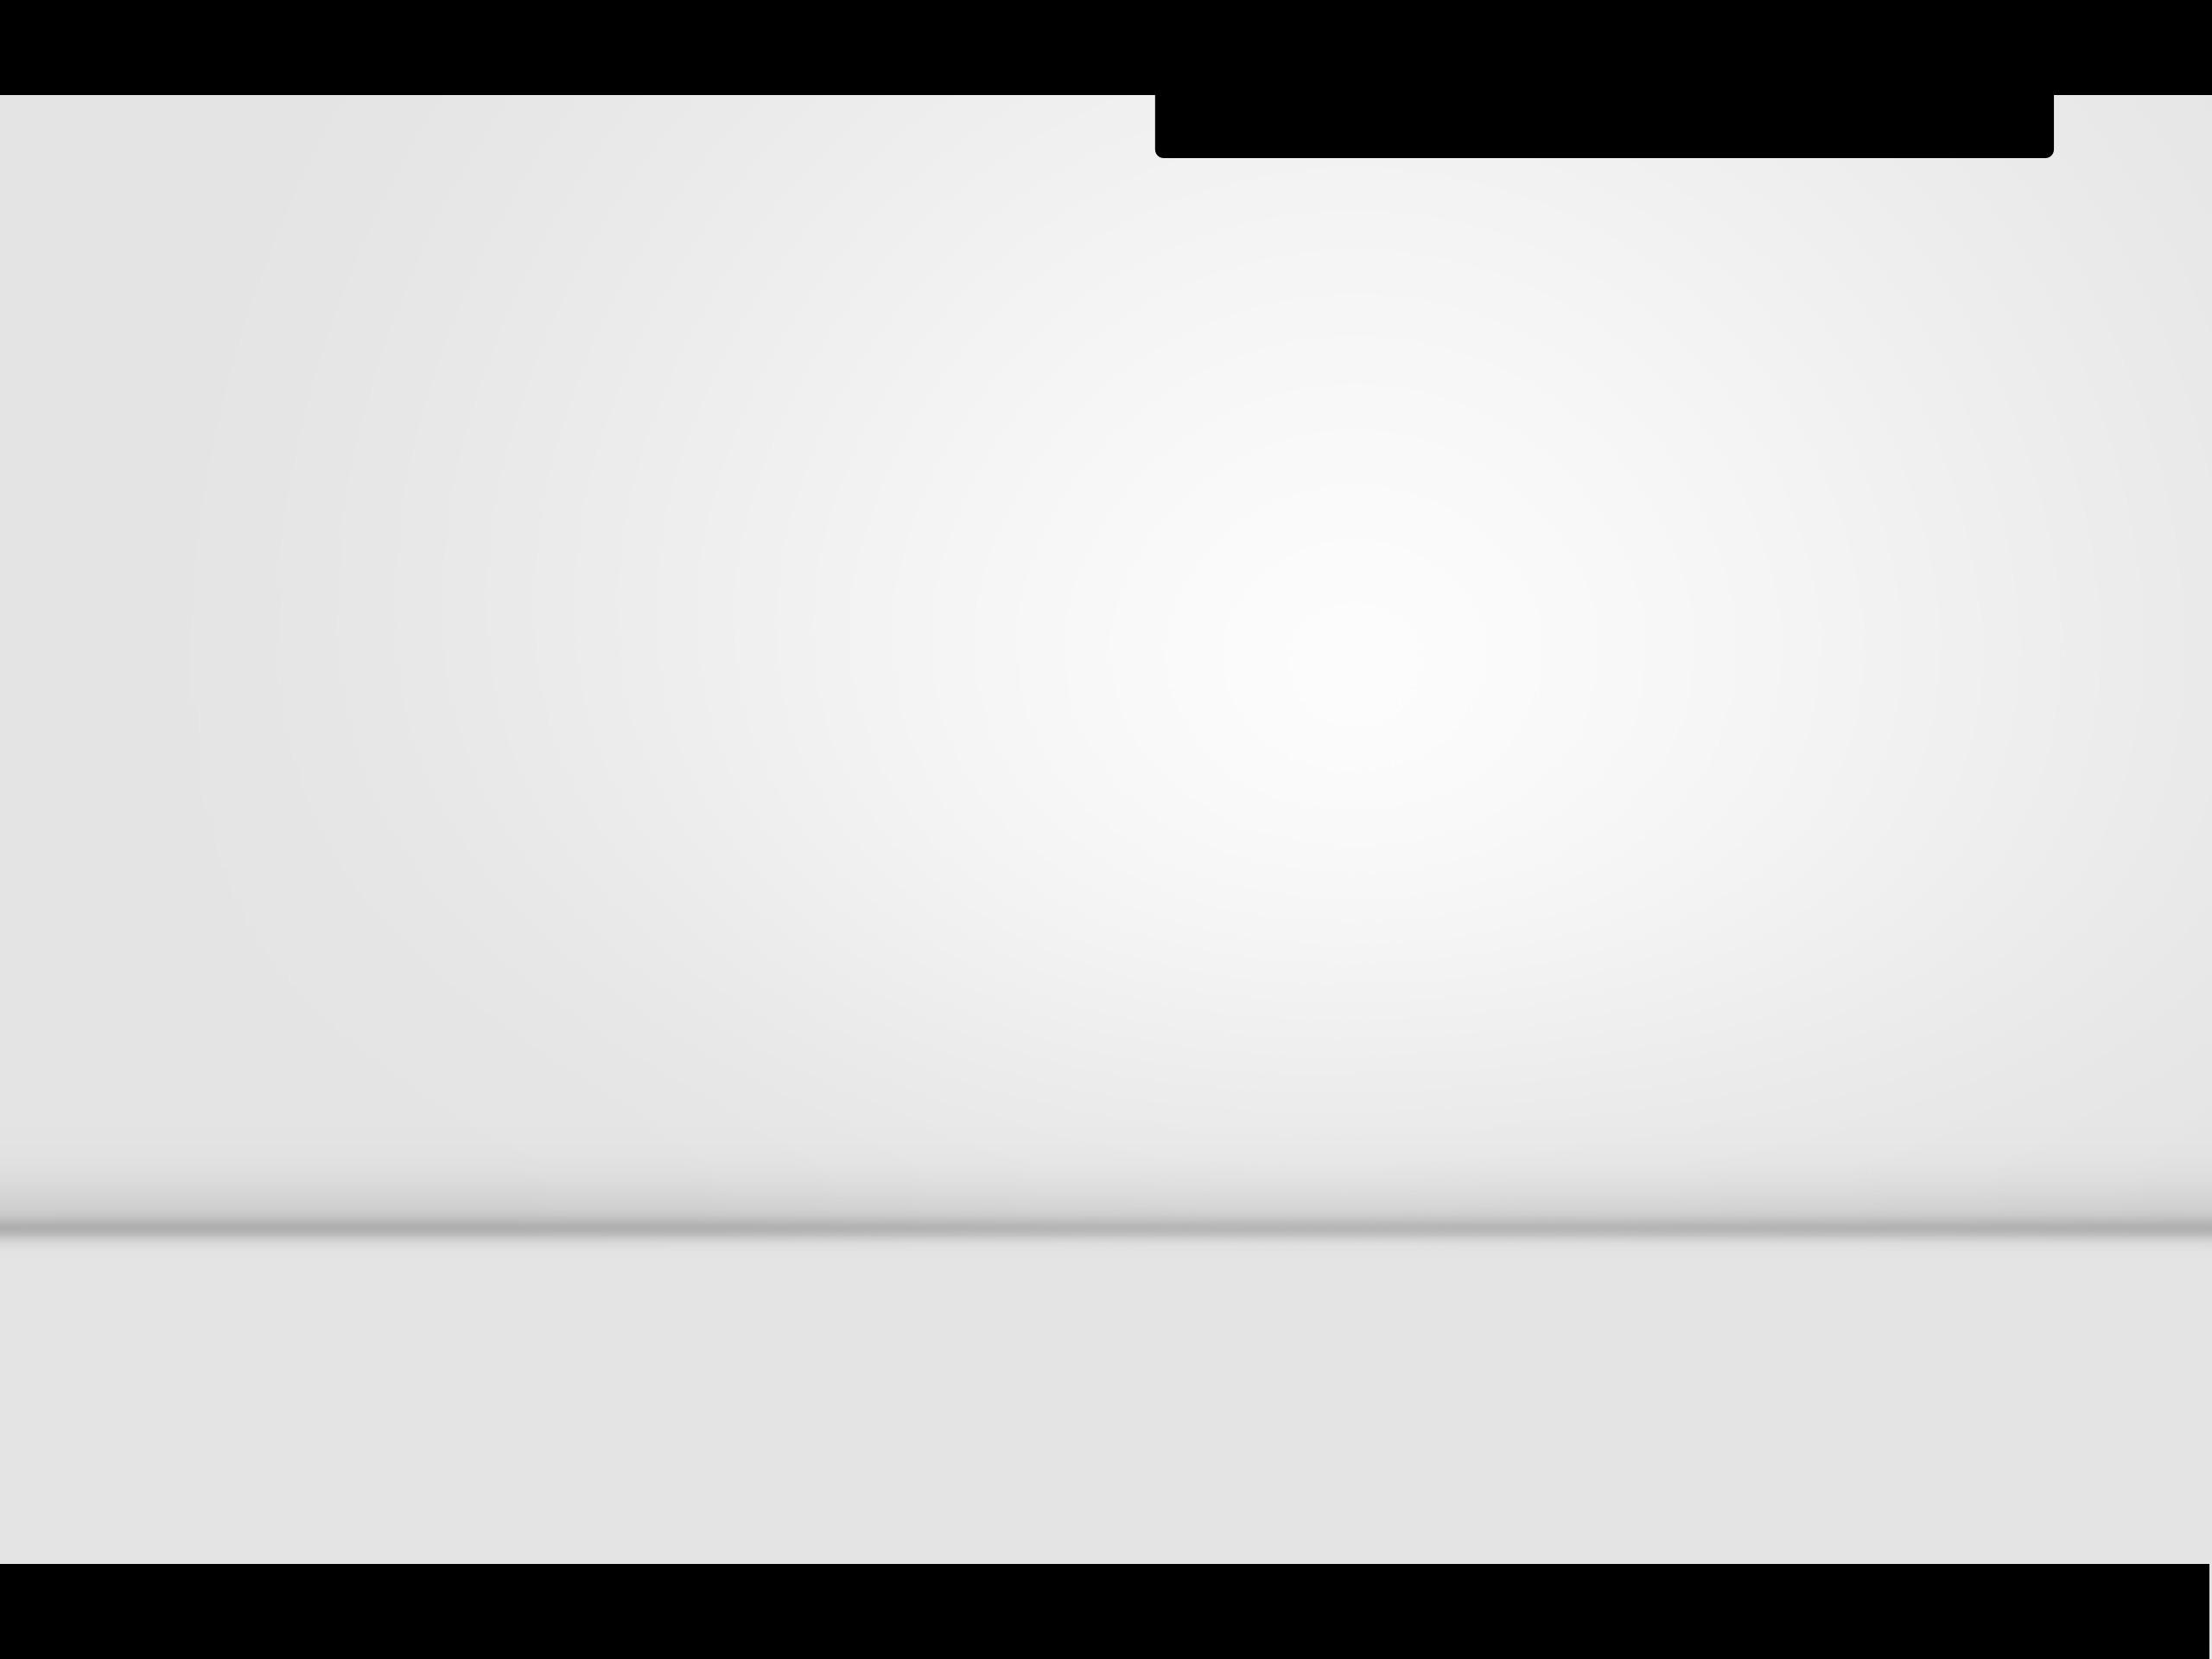 white background images - photo #40